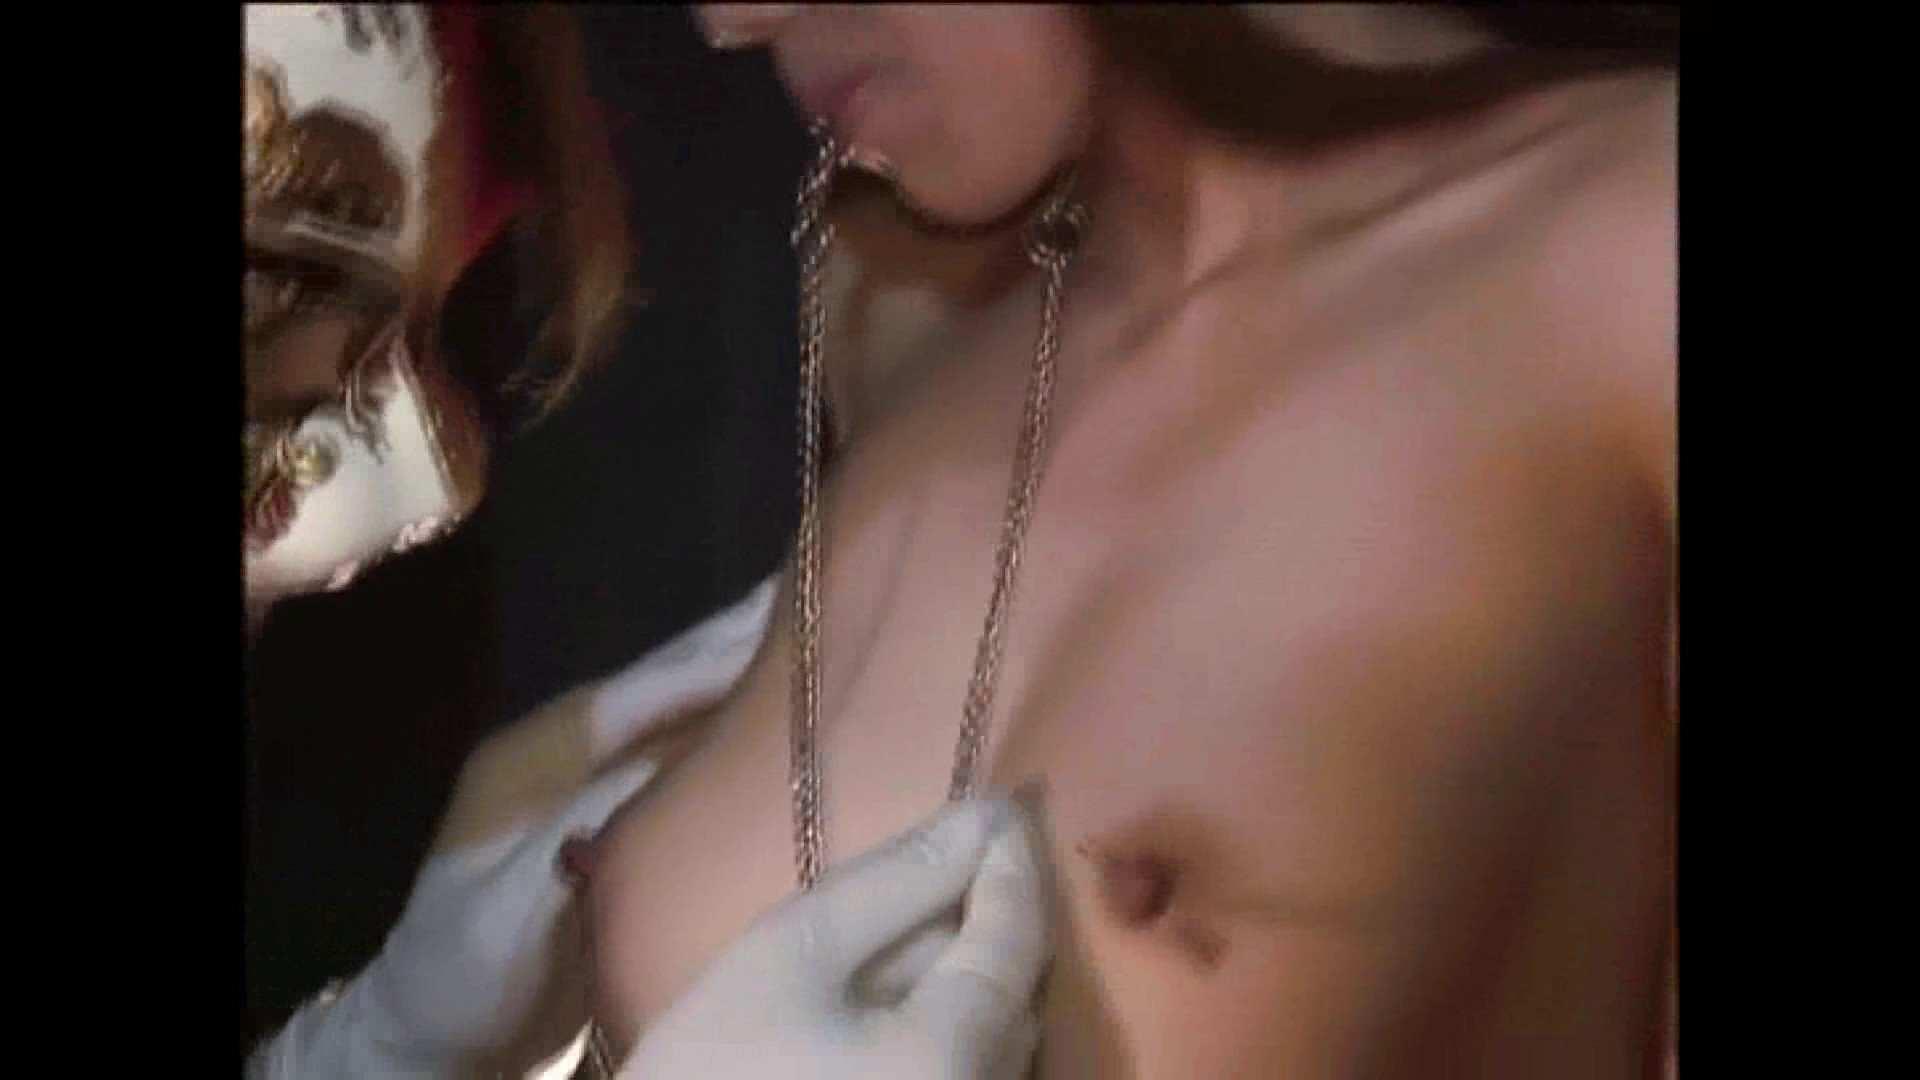 もっと衝撃的な刺激が欲しいの Vol.01 美しいOLの裸体  79pic 28